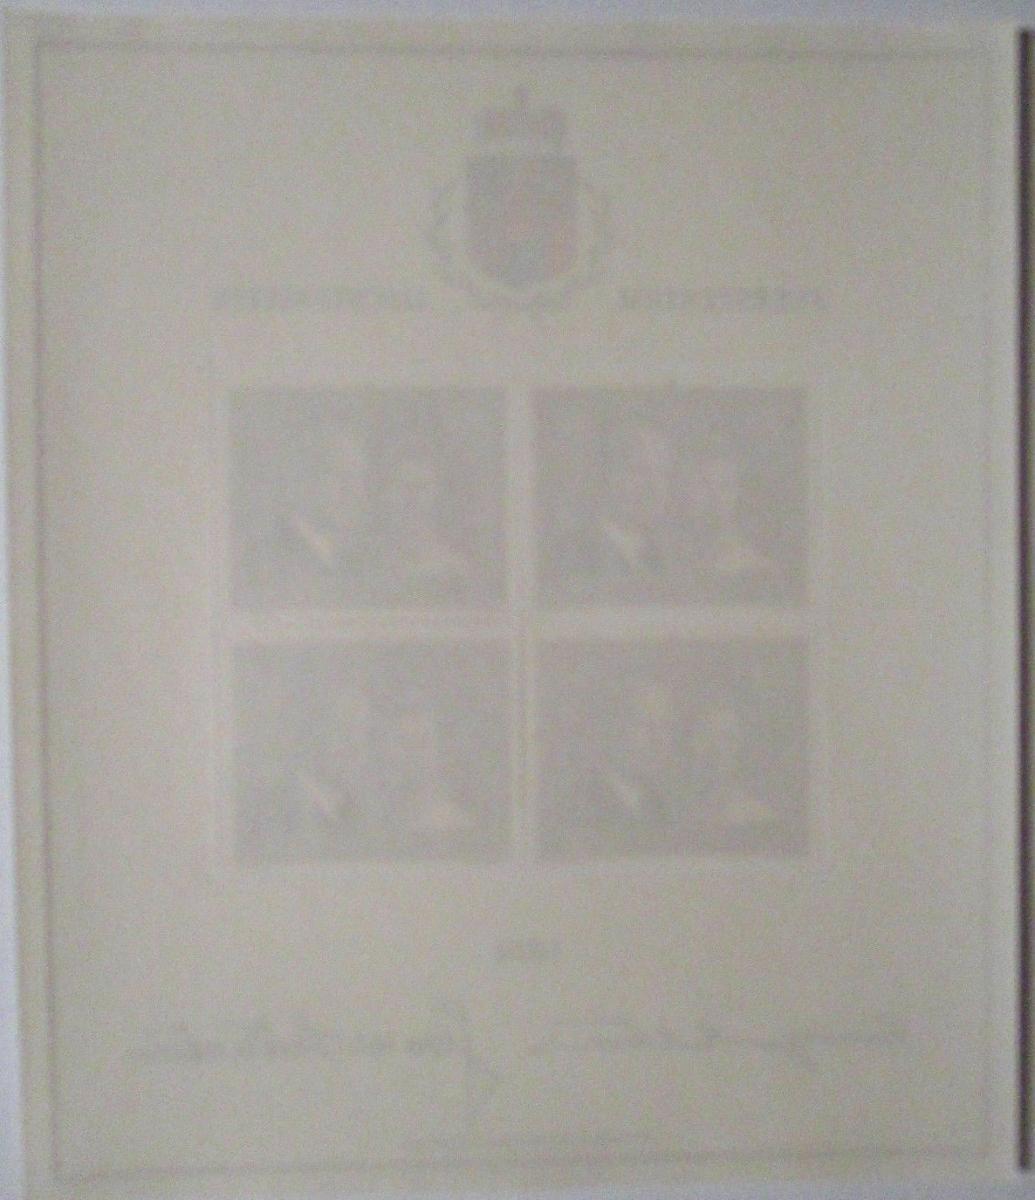 Liechtenstein Nr. 614 Kleinbogen 1974 postfrisch  (1767) 1